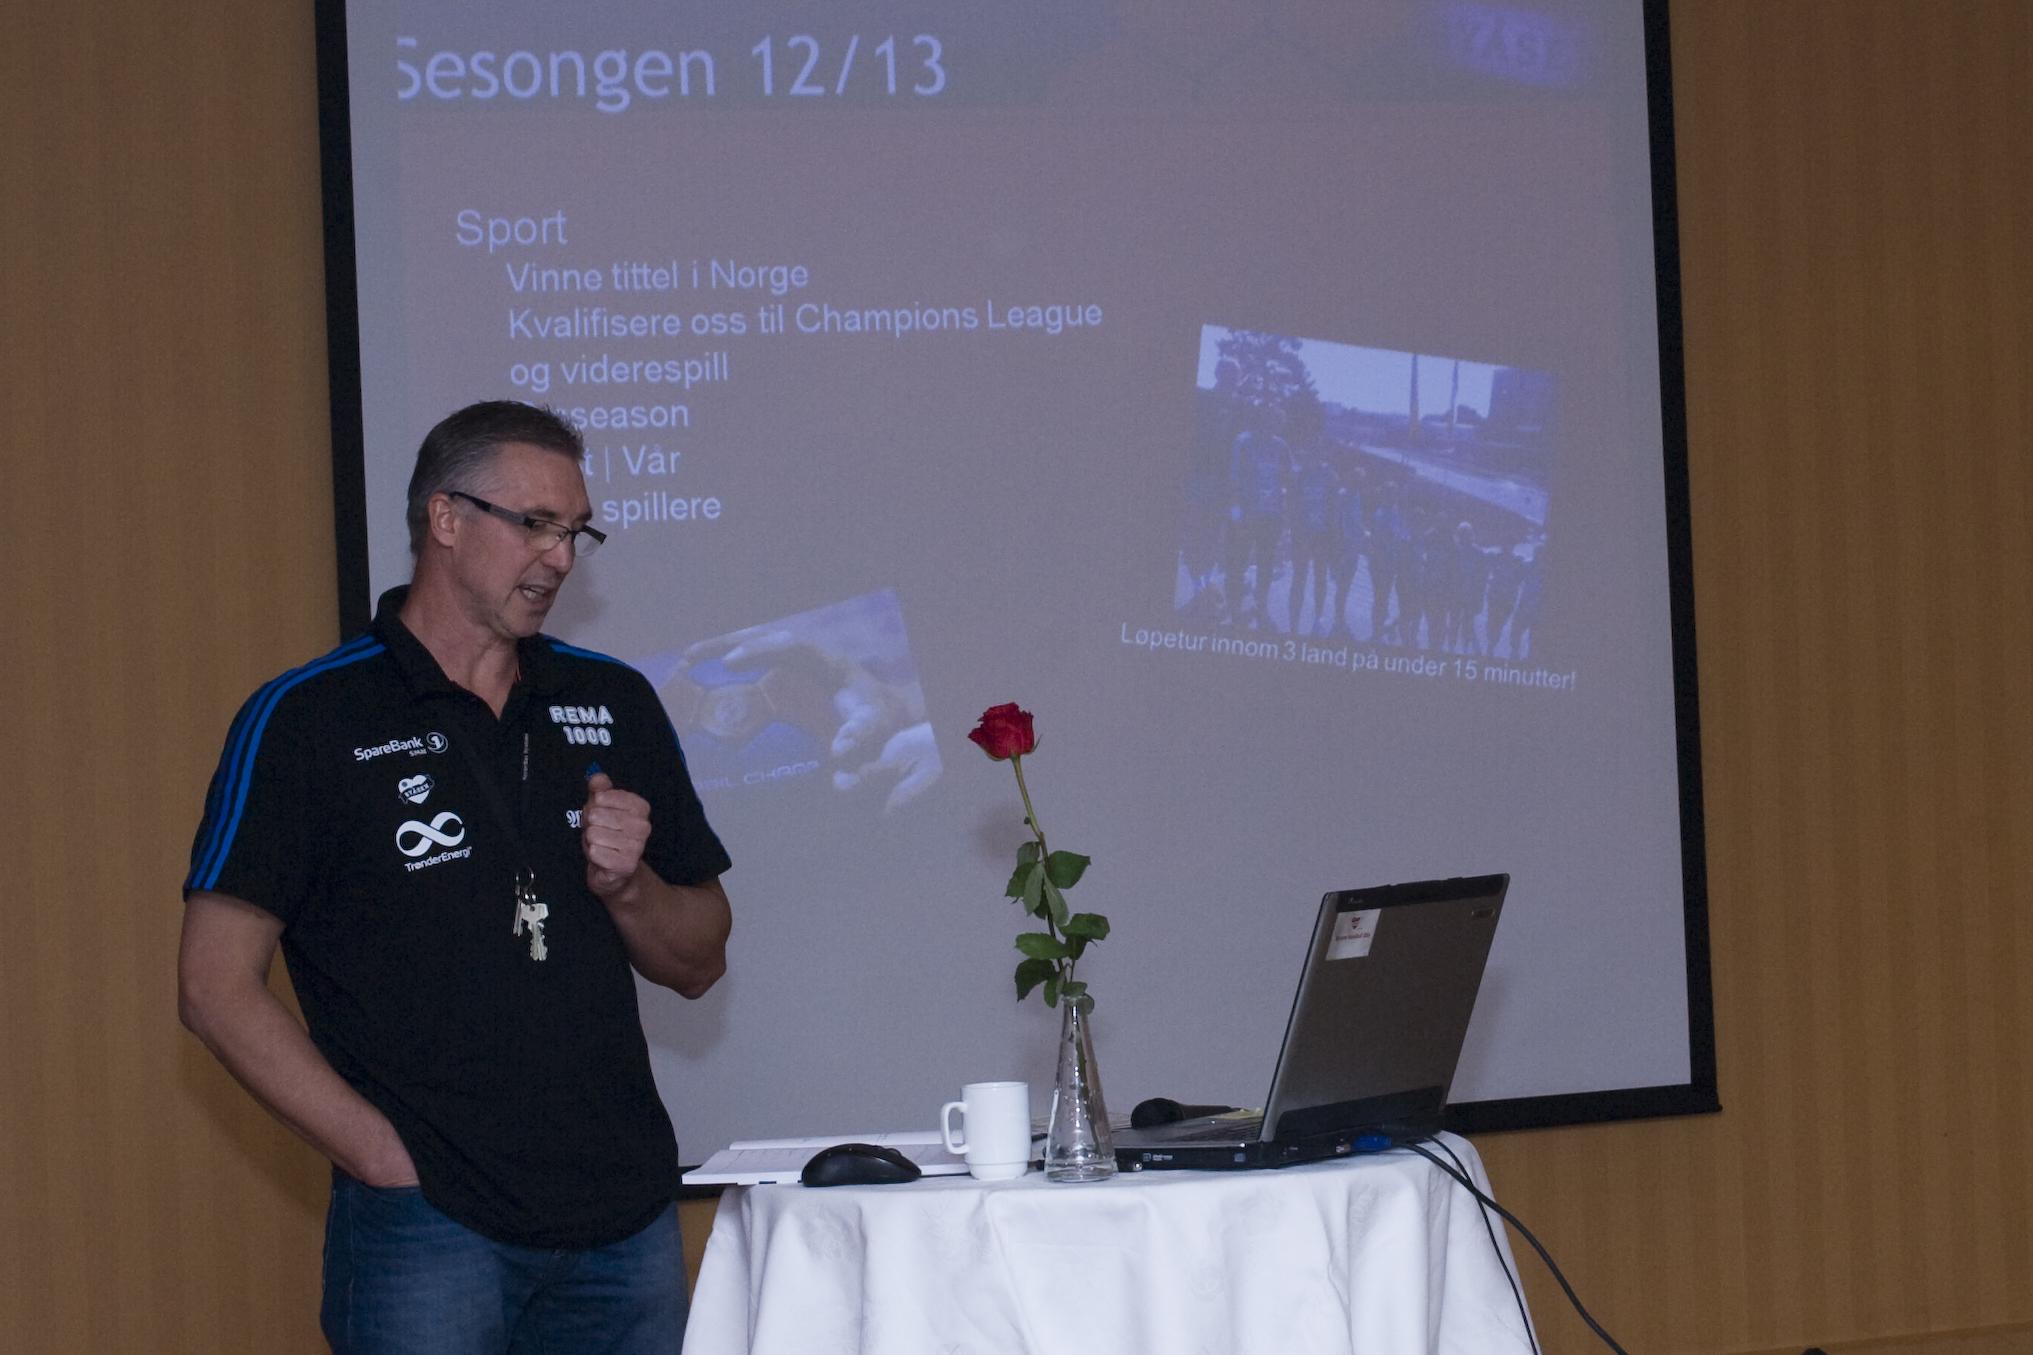 Byåsen trener Valery Putans presanterte årets mål for klubben. Foto: Håvard Loeng